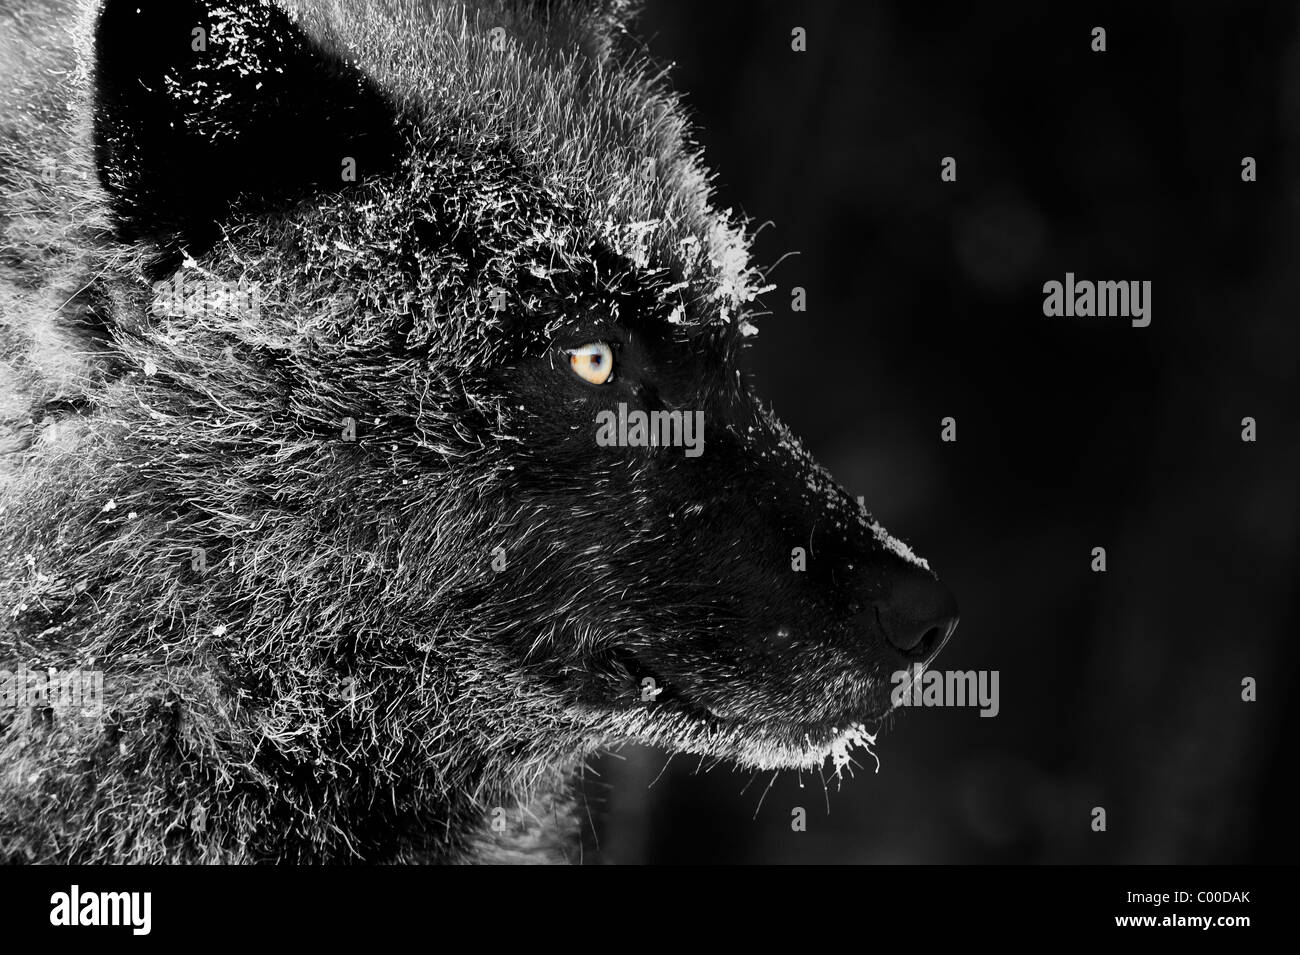 Ein schwarzer Wolf Gesichtsprofil mit Frost bedeckt Pelz aus einem kalten Winterabend in der Northwoods Stockbild